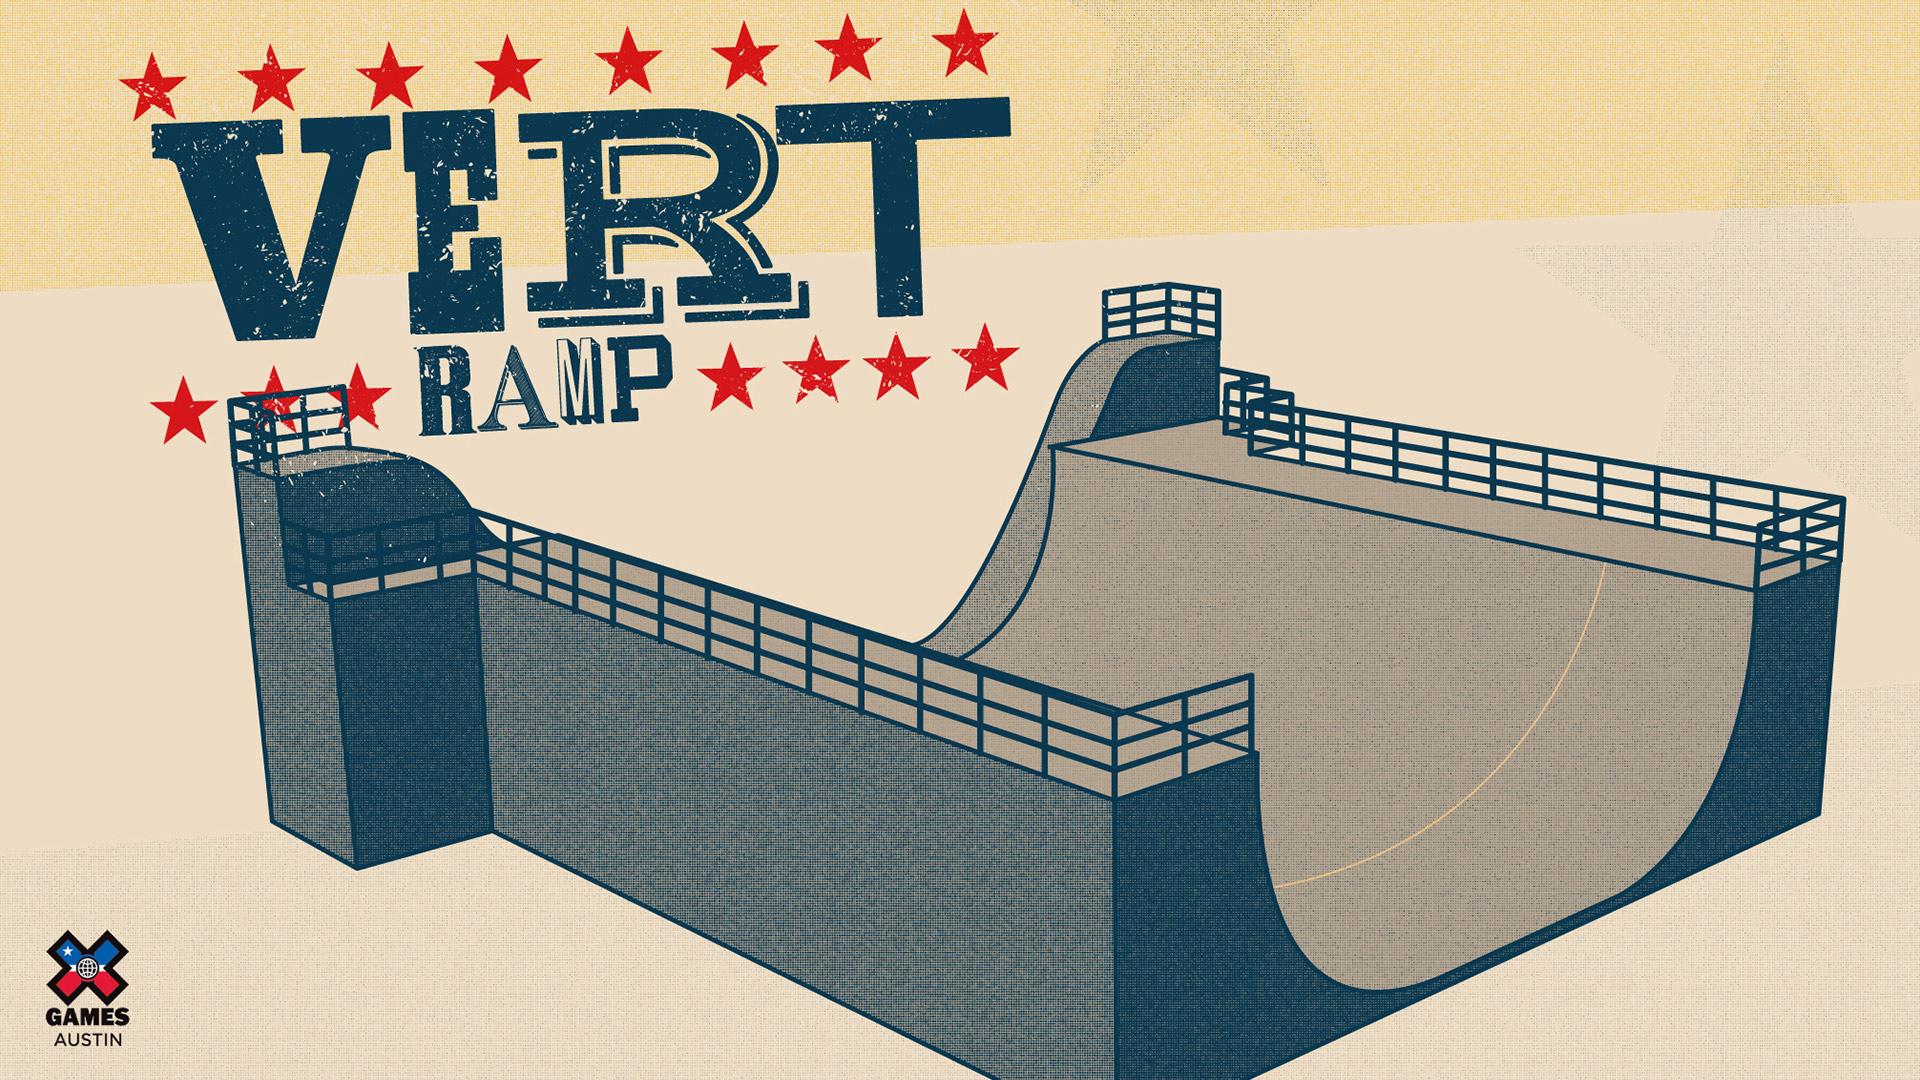 Skateboard and BMX Vert